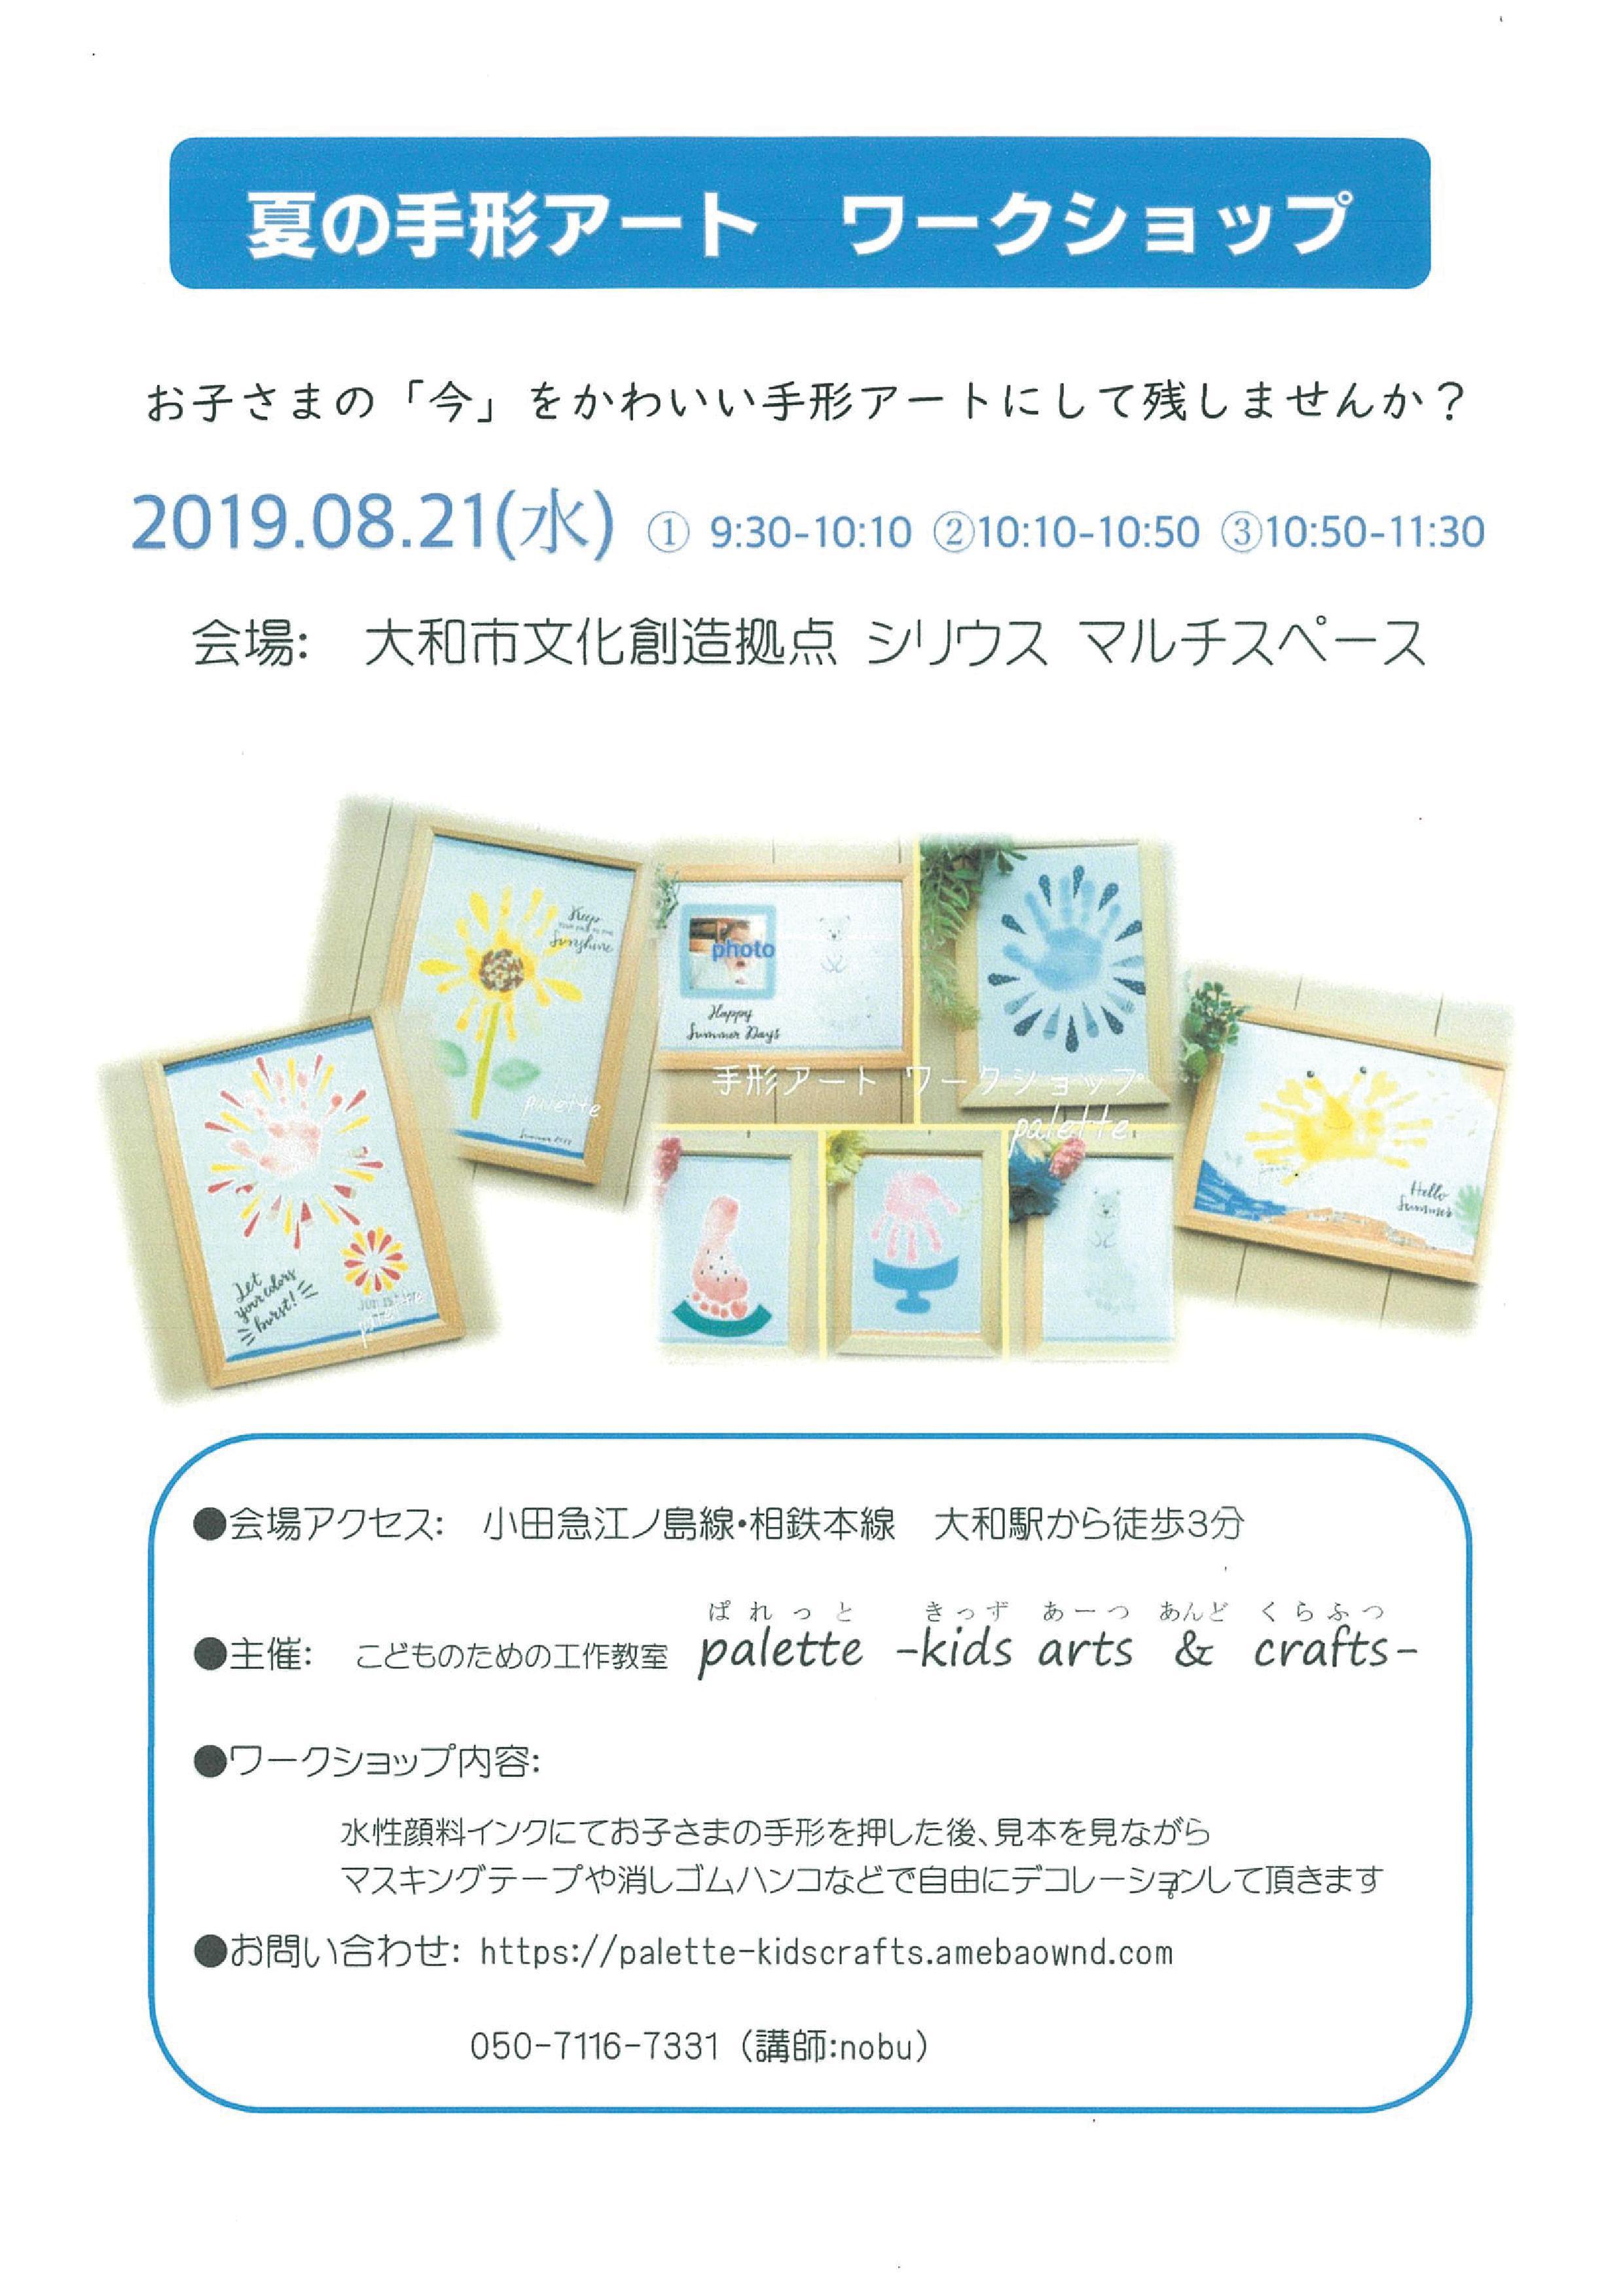 夏の手形アート ワークショップ